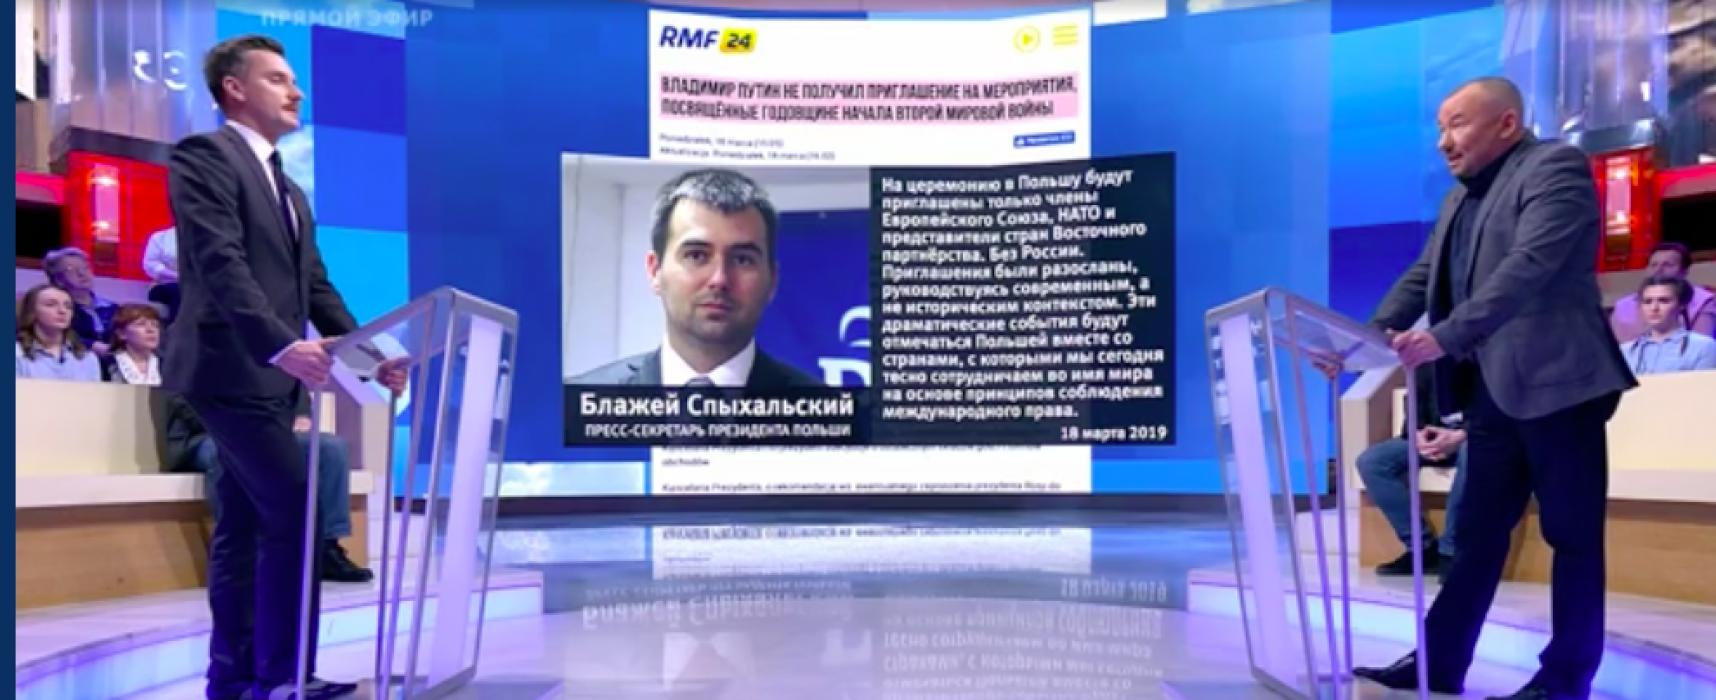 Manipulacja: nie zapraszając Rosji Polska niszczy porządek świata